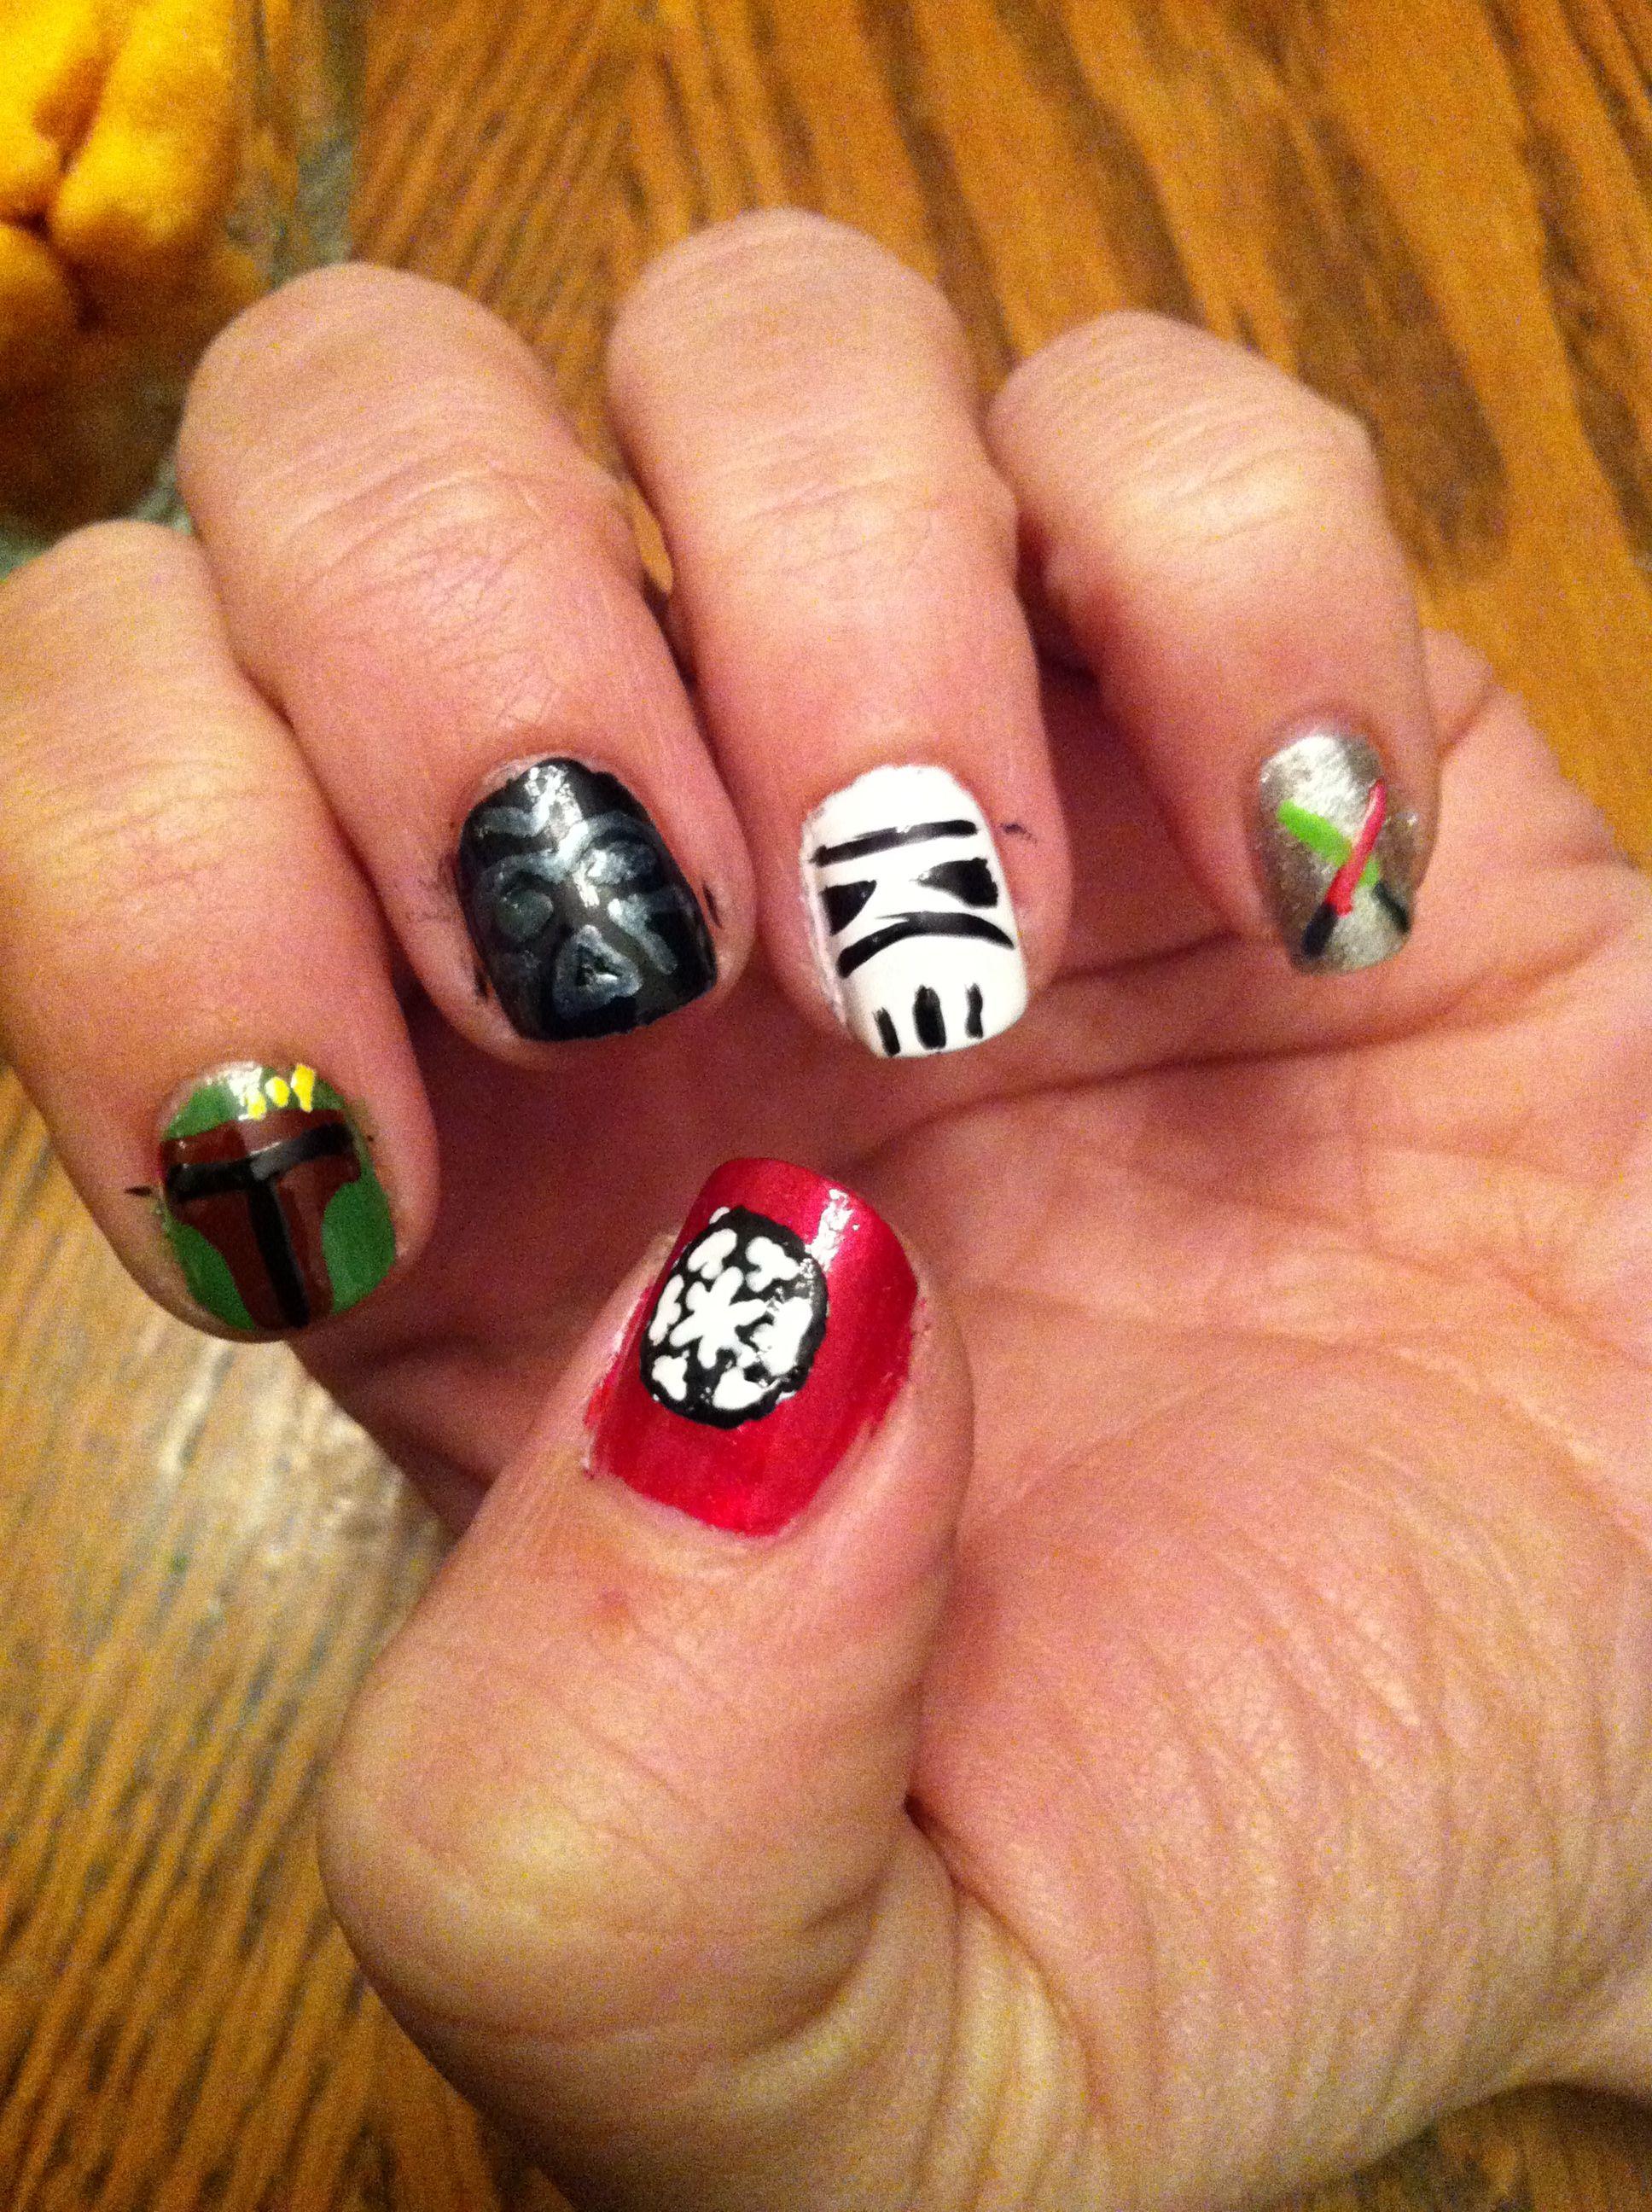 Star Wars nails! Imperial cog, Boba Fett, Darth Vader, Stormtrooper ...